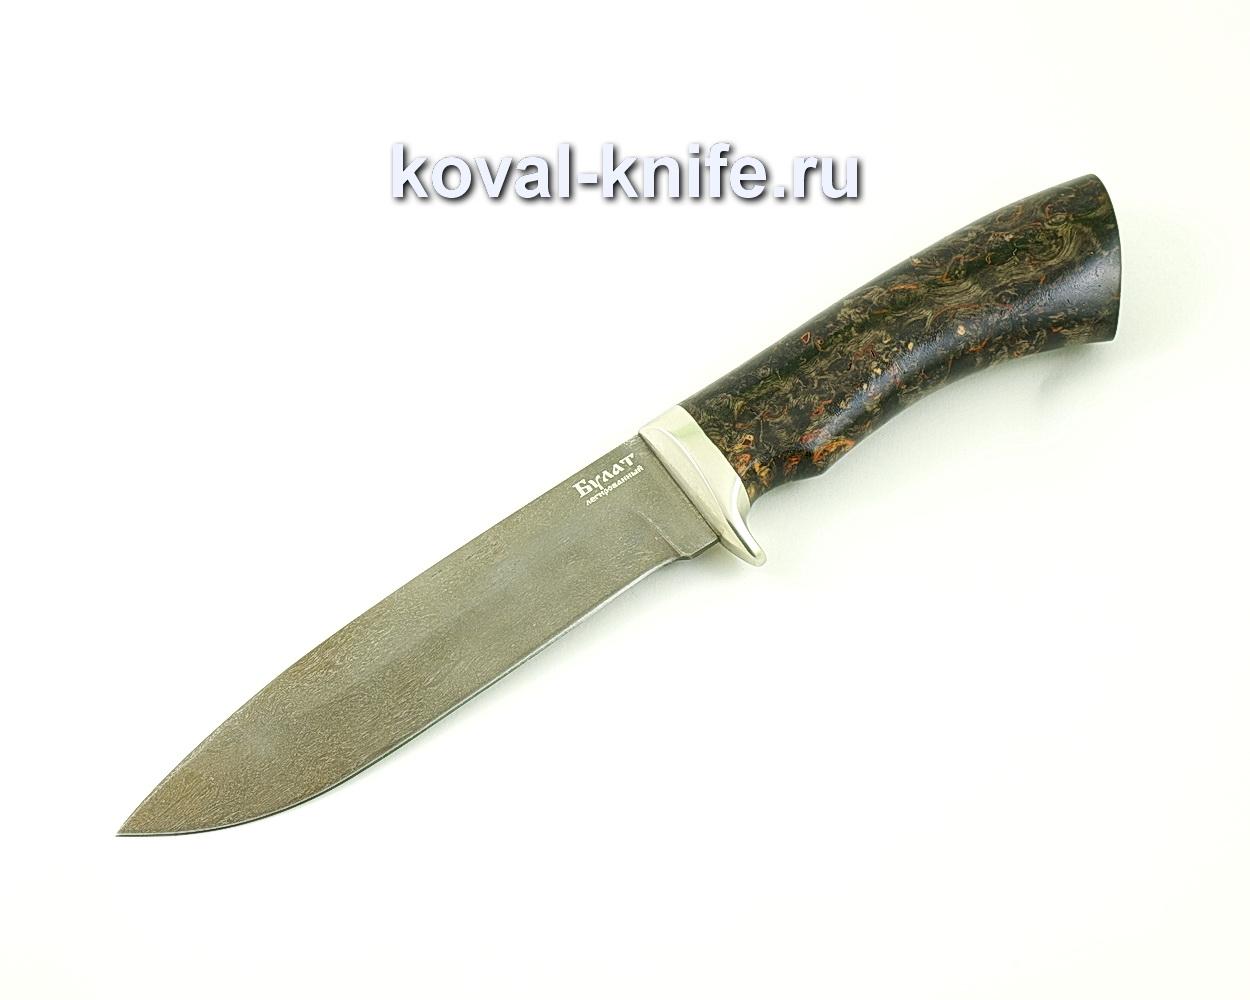 Нож из булатной стали Олимп (Легированный булат, рукоять стабилизированная карельская береза, литье мельхиор) A480